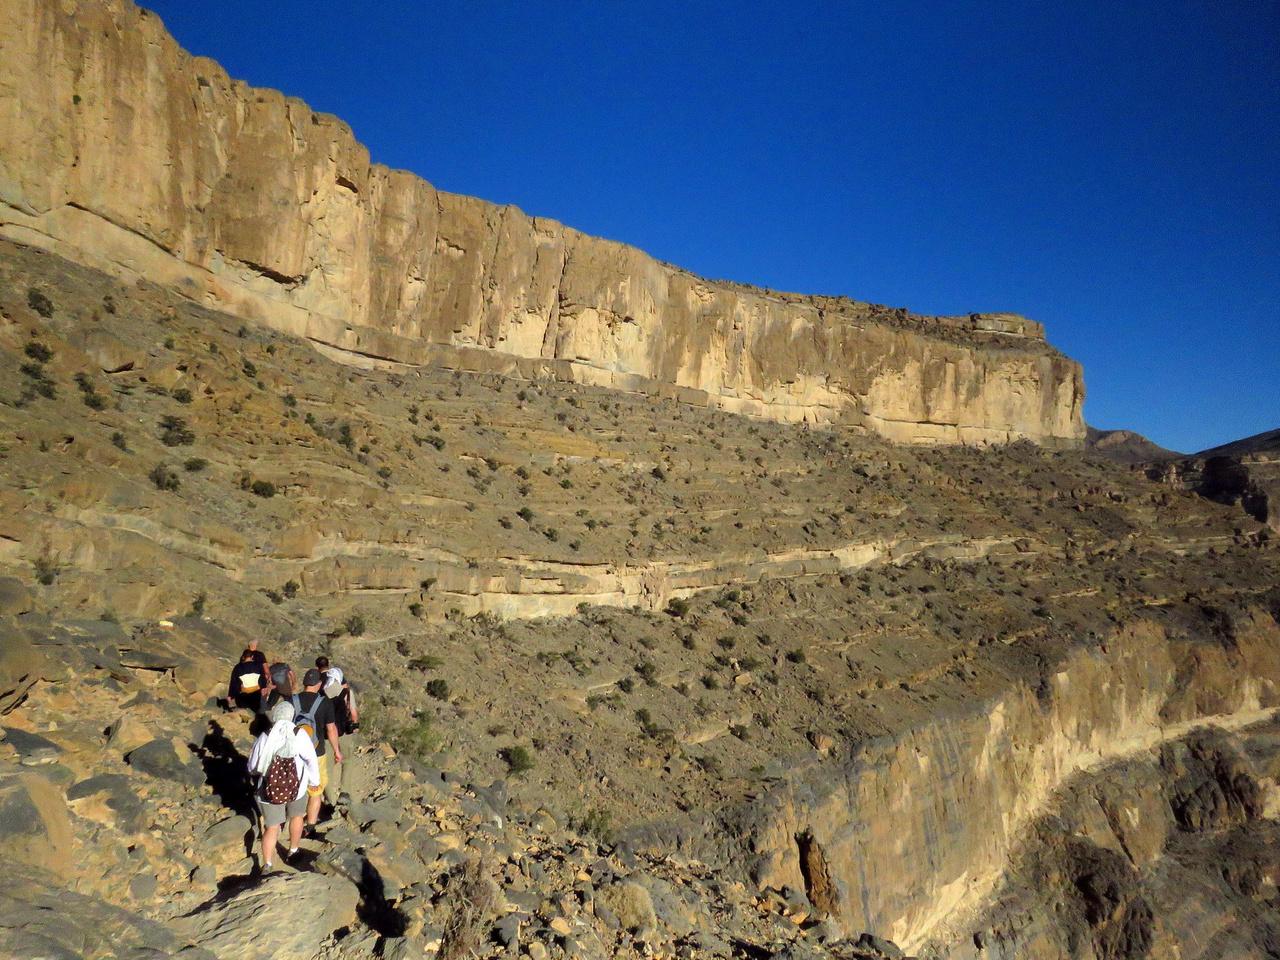 Gyalogtúrán a Gul vádi oldalában. A Wadi Gult Arábia Grand Canyonjaként is emlegetik, és a hasonlítás egyáltalán nem alaptalan. A kanyon falainak magassága eléri az 1500 métert, a kilátás lélegzetelállító. A völgy felső végében régen egy kis falucska, As-Sab működött, zord körülmények között, de sikeresen. Volt elég vizük, a teraszokon zöldséget és gyümölcsöt termeltek, kecskéket tartottak. A nehézségek ellenére is biztonságosabb volt az élet a rejtekhelyen, mint a sűrűbben lakott vidékeken, ahol rendszeres voltak a rablótámadások.